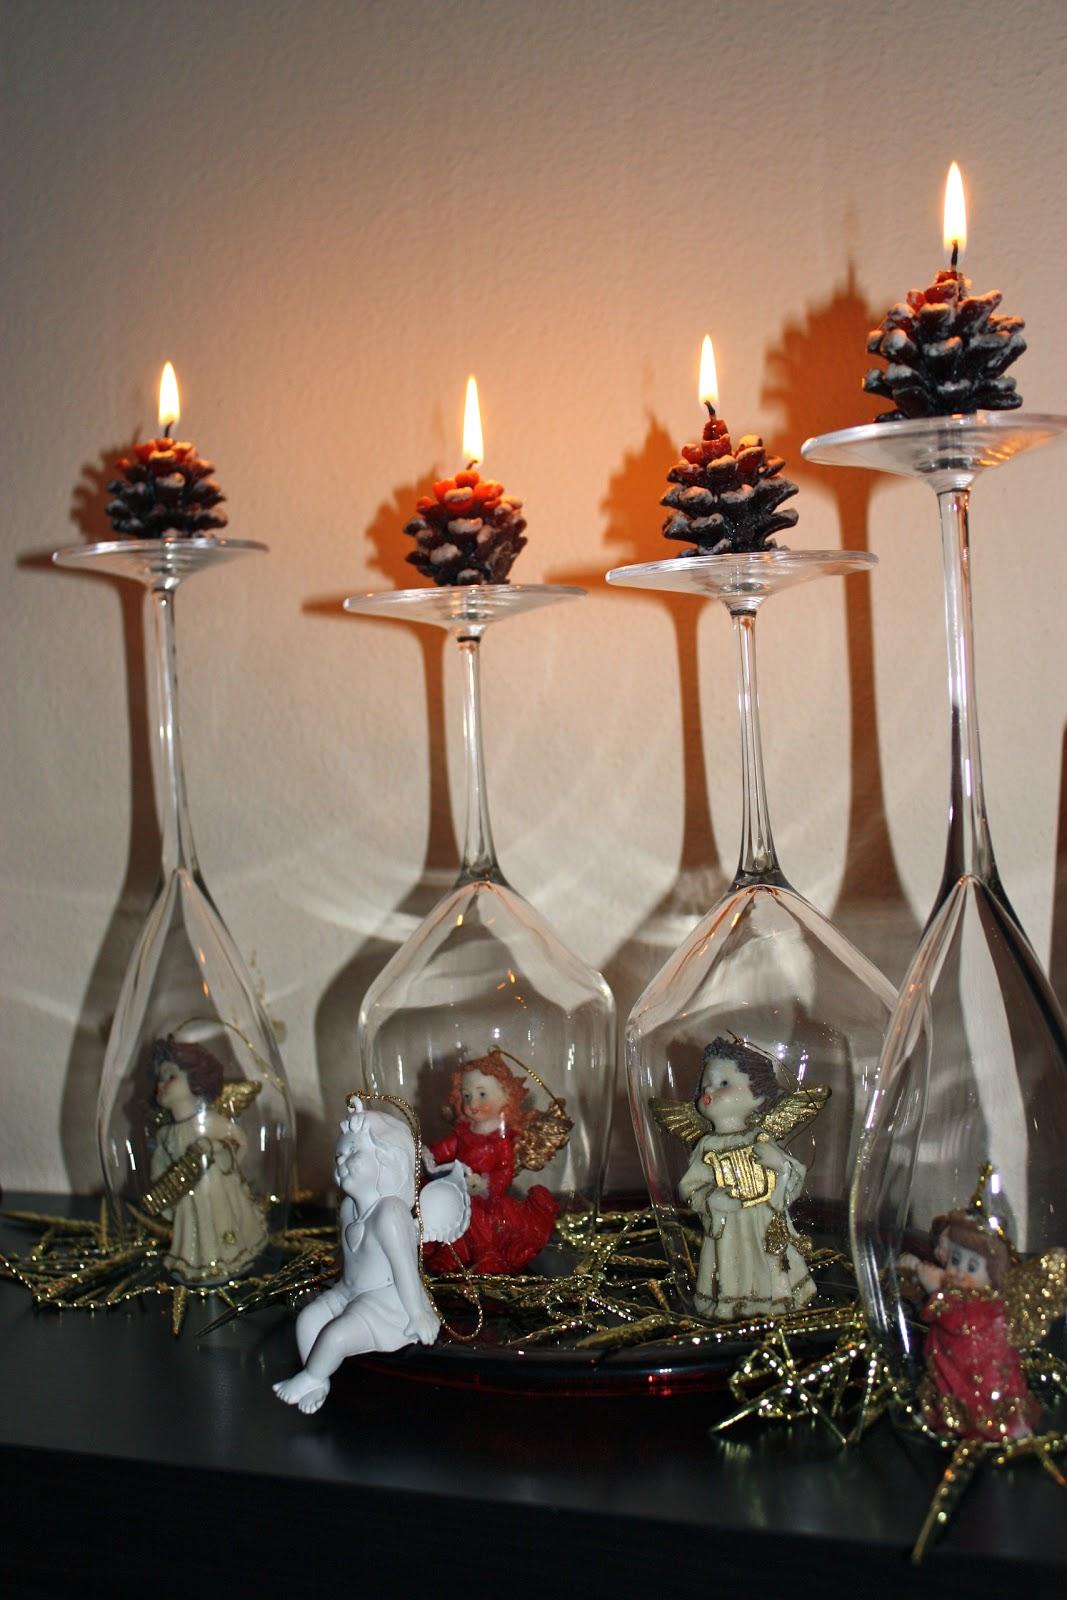 Bambino di mamma per tavola di natale bicchieri rovesciati - Bicchieri decorati per natale ...